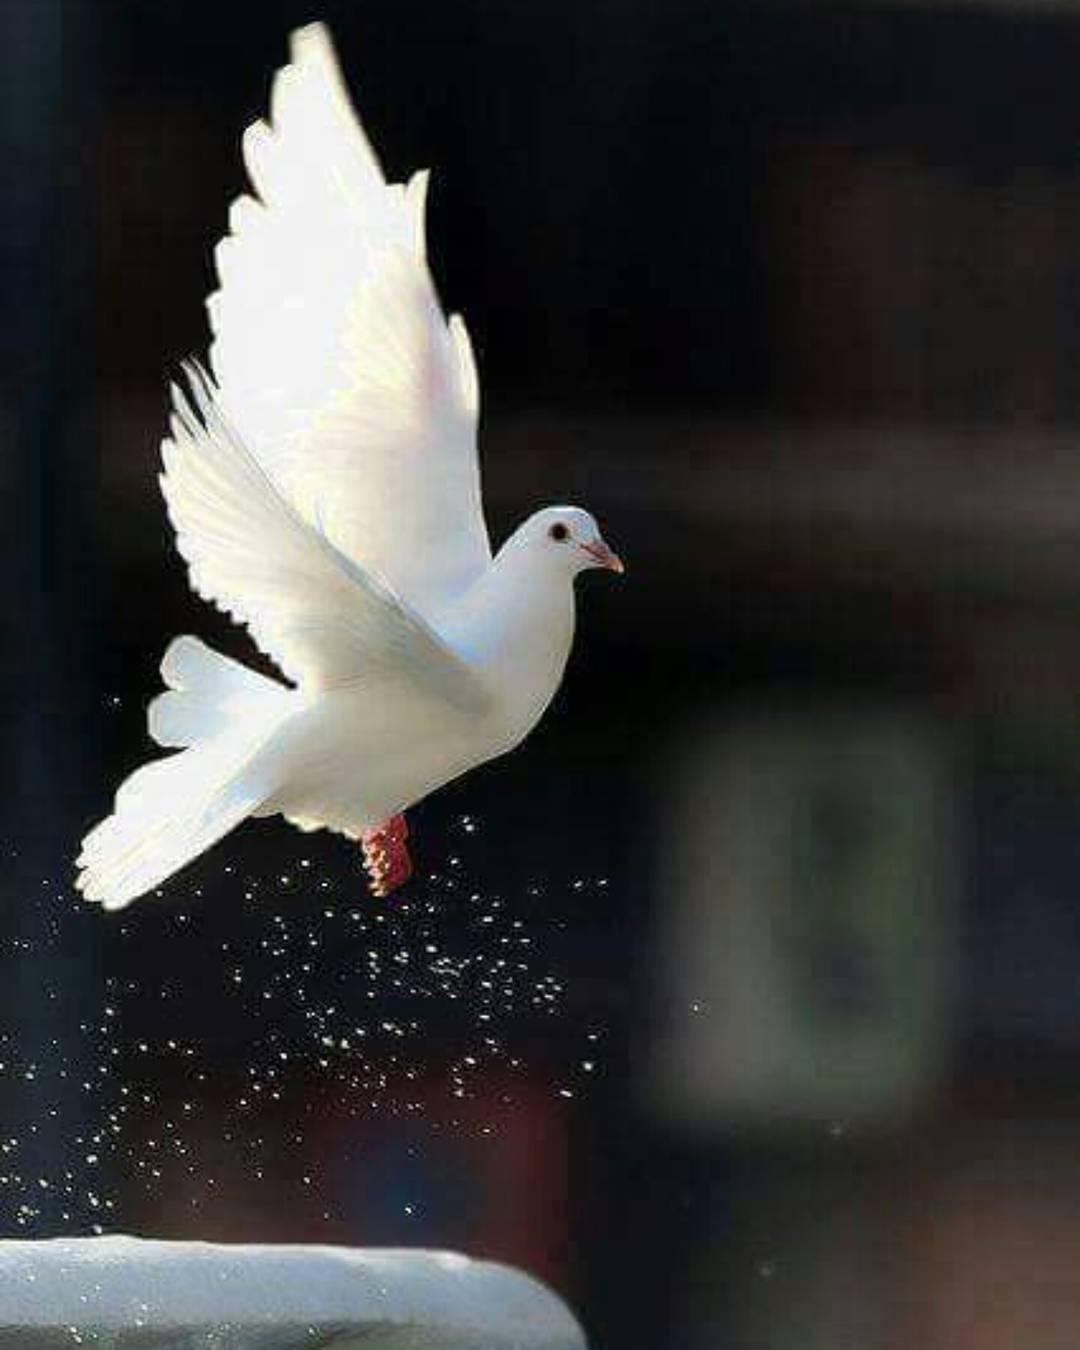 Donwload Photo Kaligrafi Saldım gönlümü gökyüzüne arşı dolansın, Bin bir ismini anda bir gün duysun ve an…